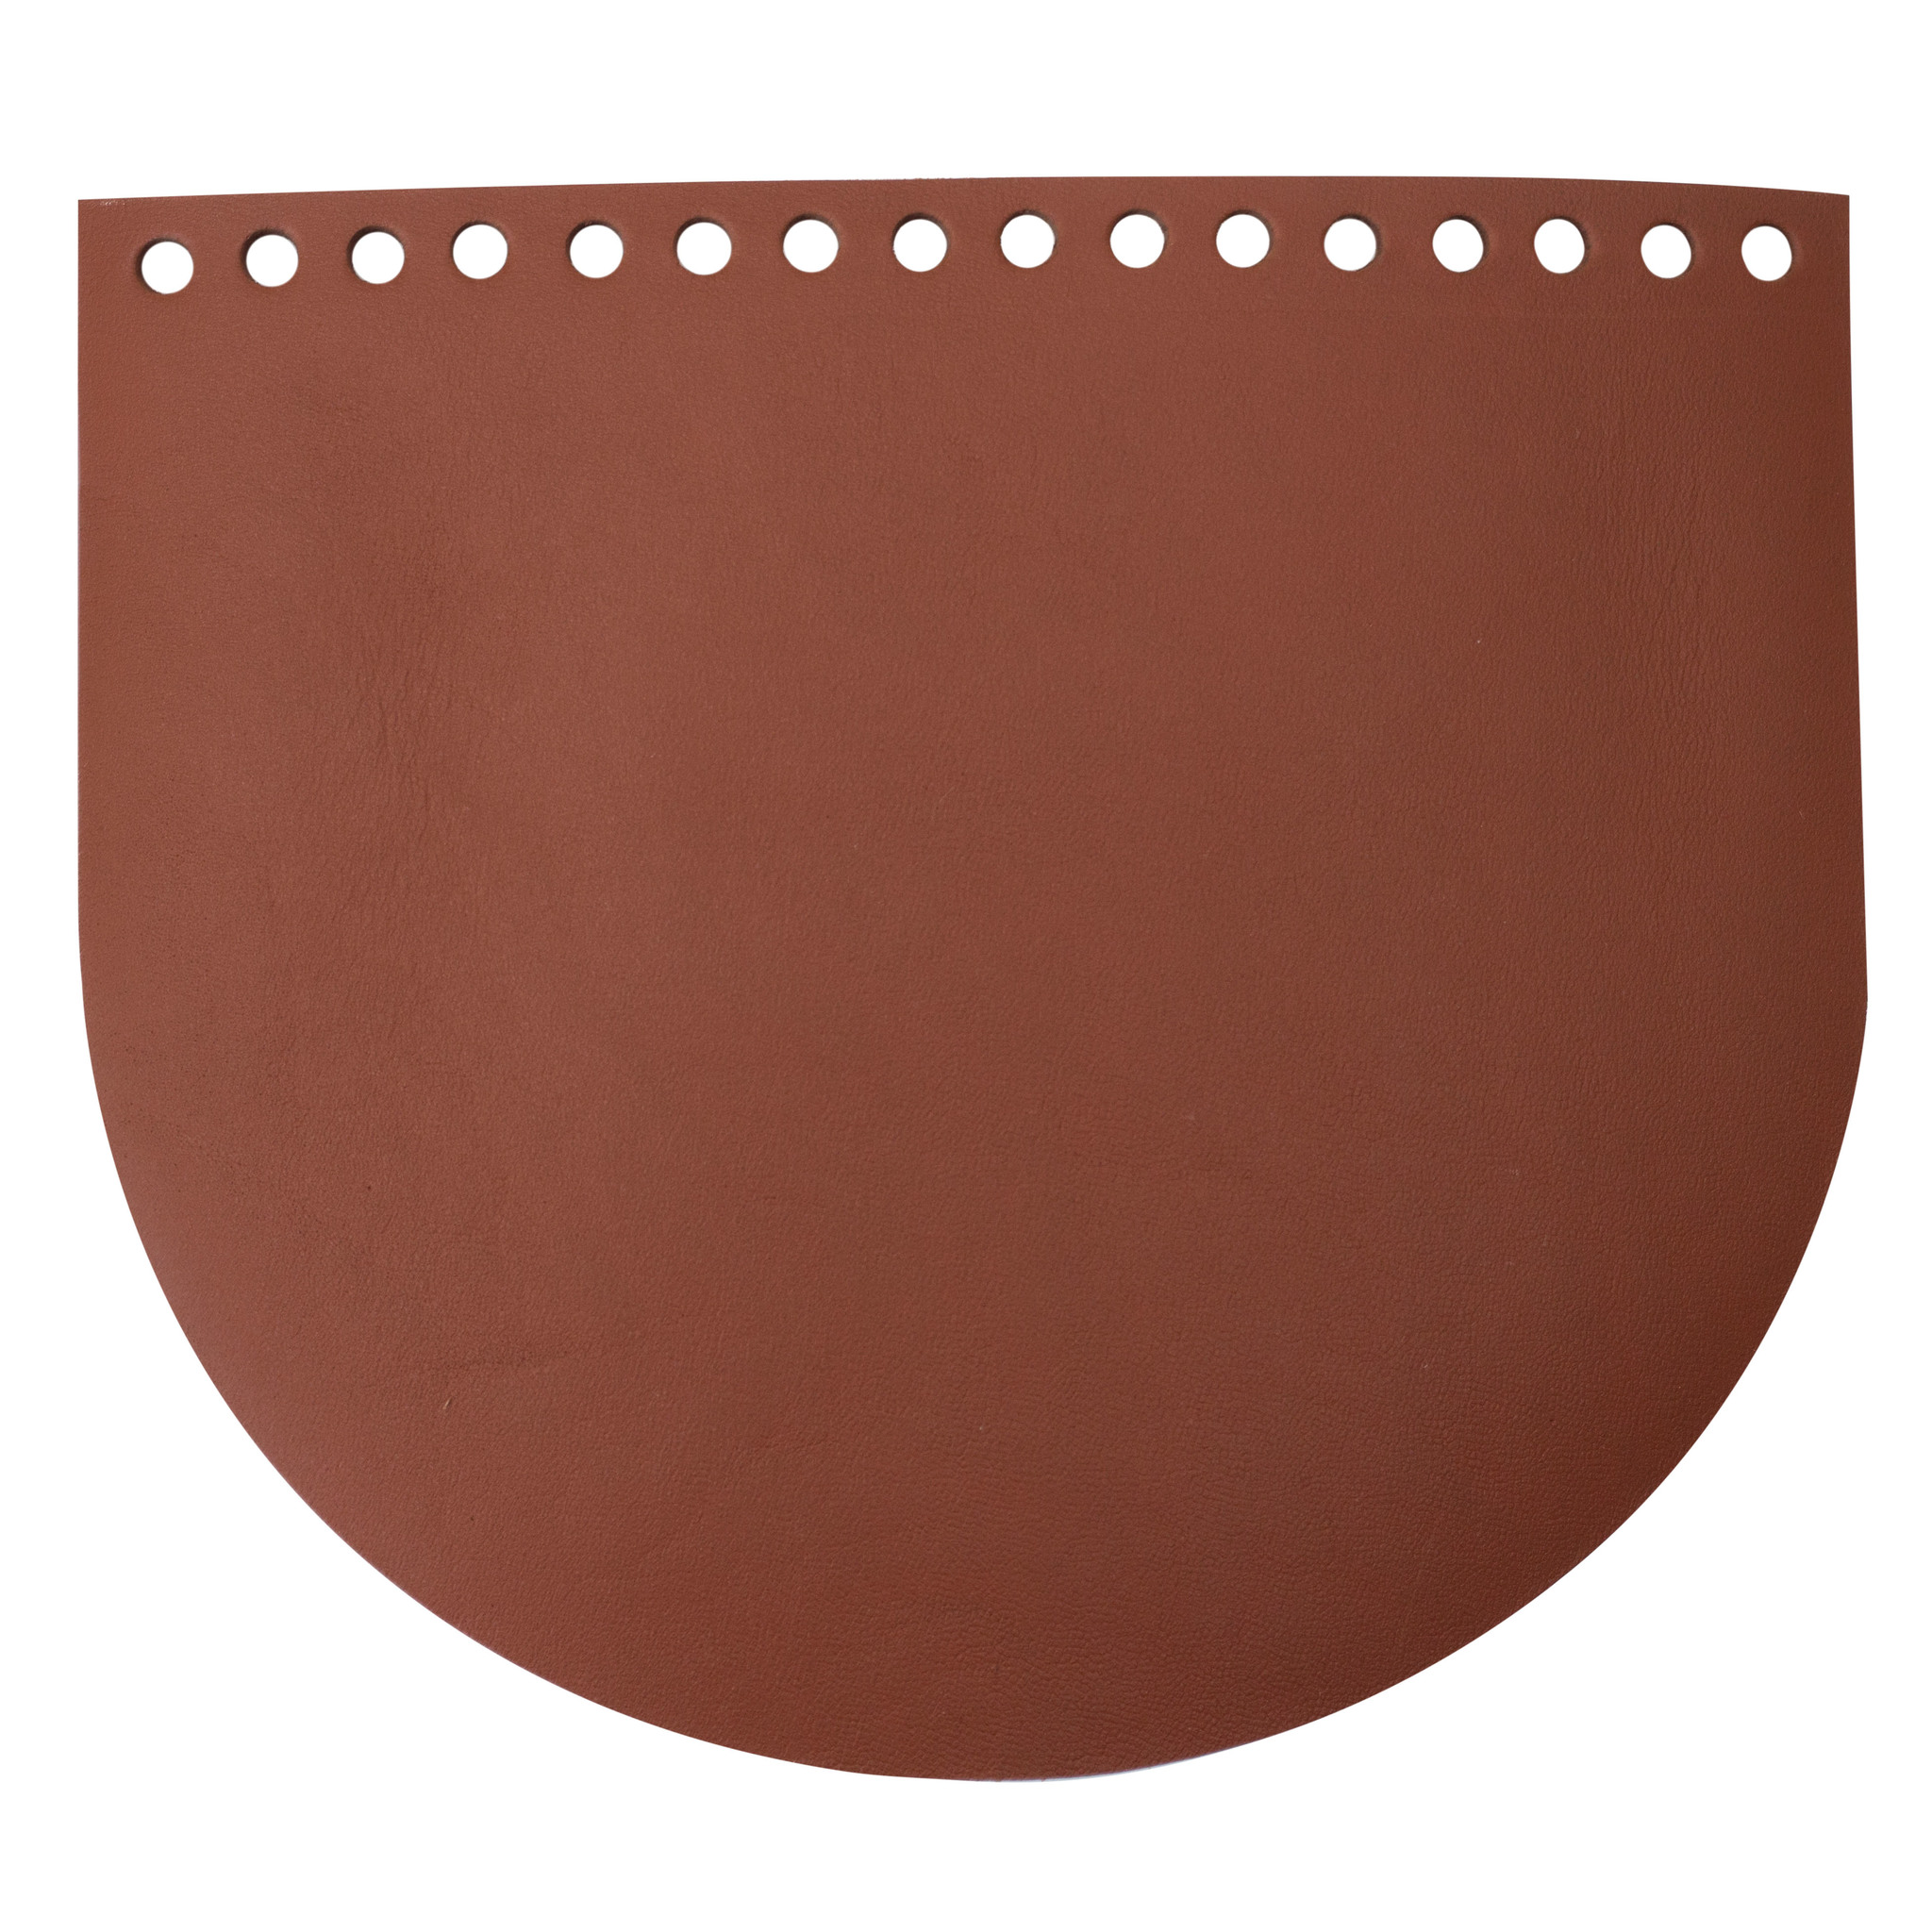 """Кожаная фурнитура Клапан для сумочки кожаный """"Секвойя"""" IMG_0307.jpg"""